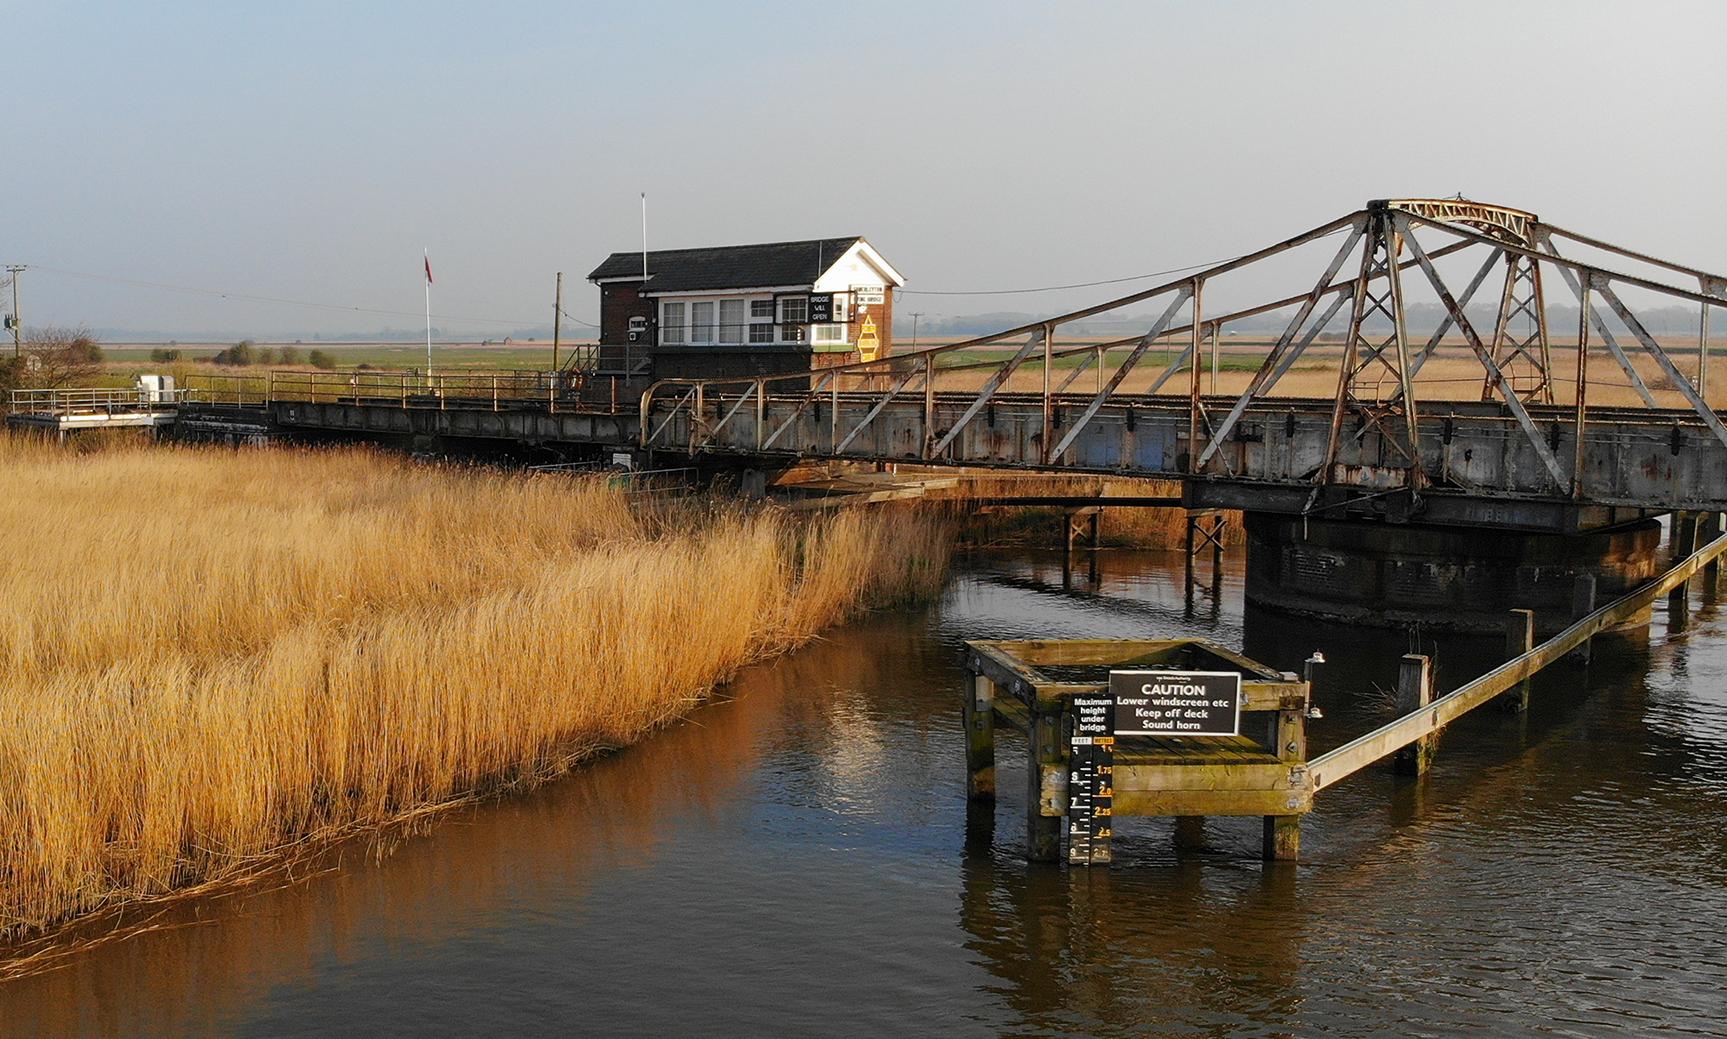 The bridge at Somerleyton